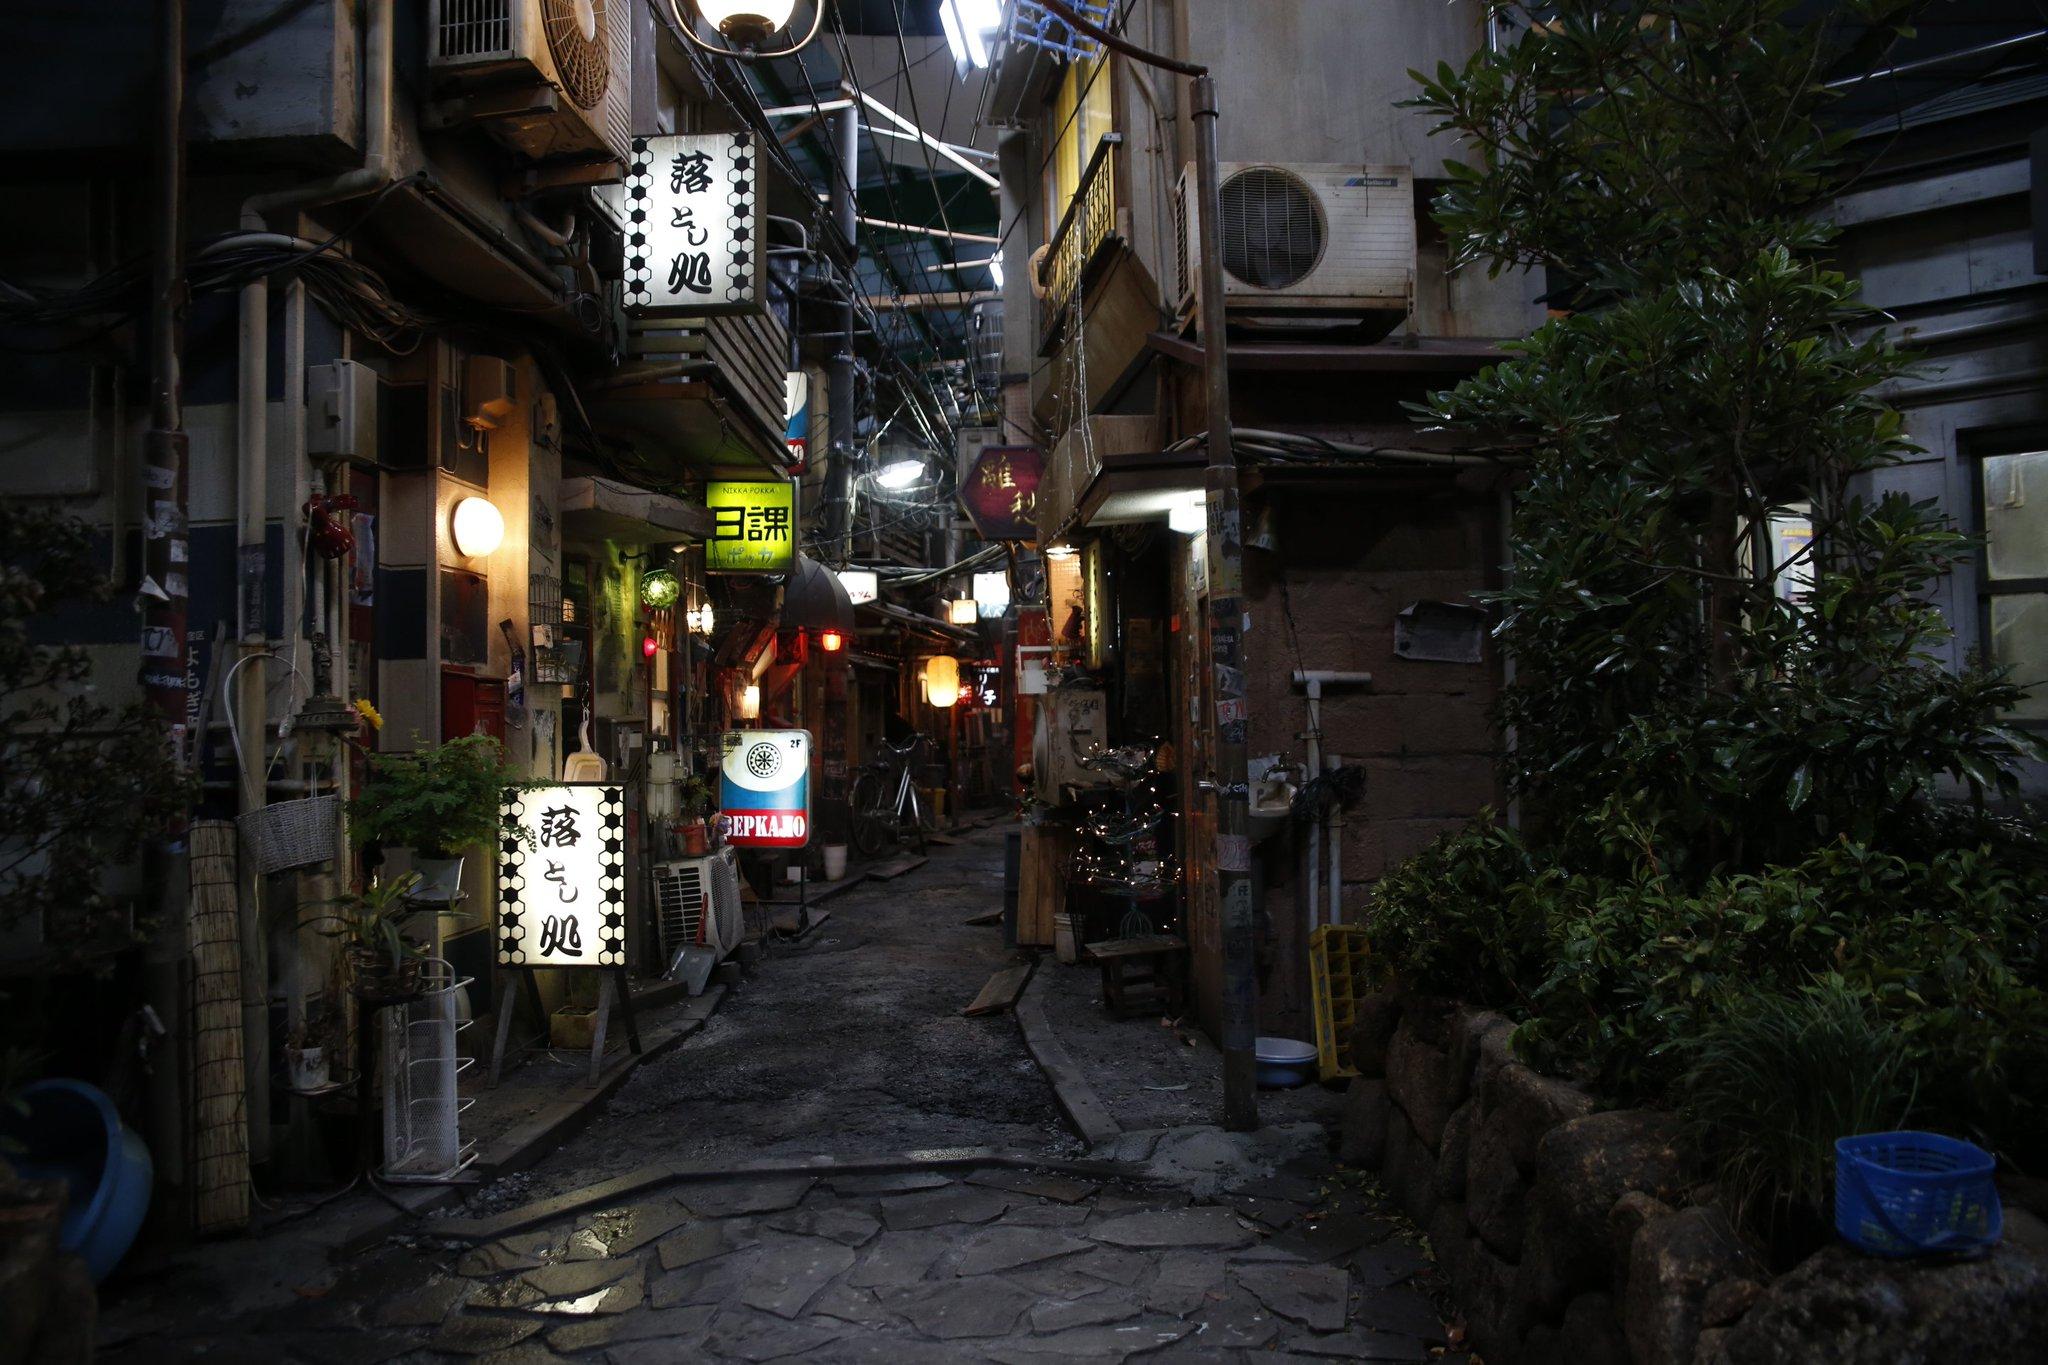 深夜 食堂 エンディング 曲 鈴木常吉 - 思ひで (深夜食堂 OST) - YouTube